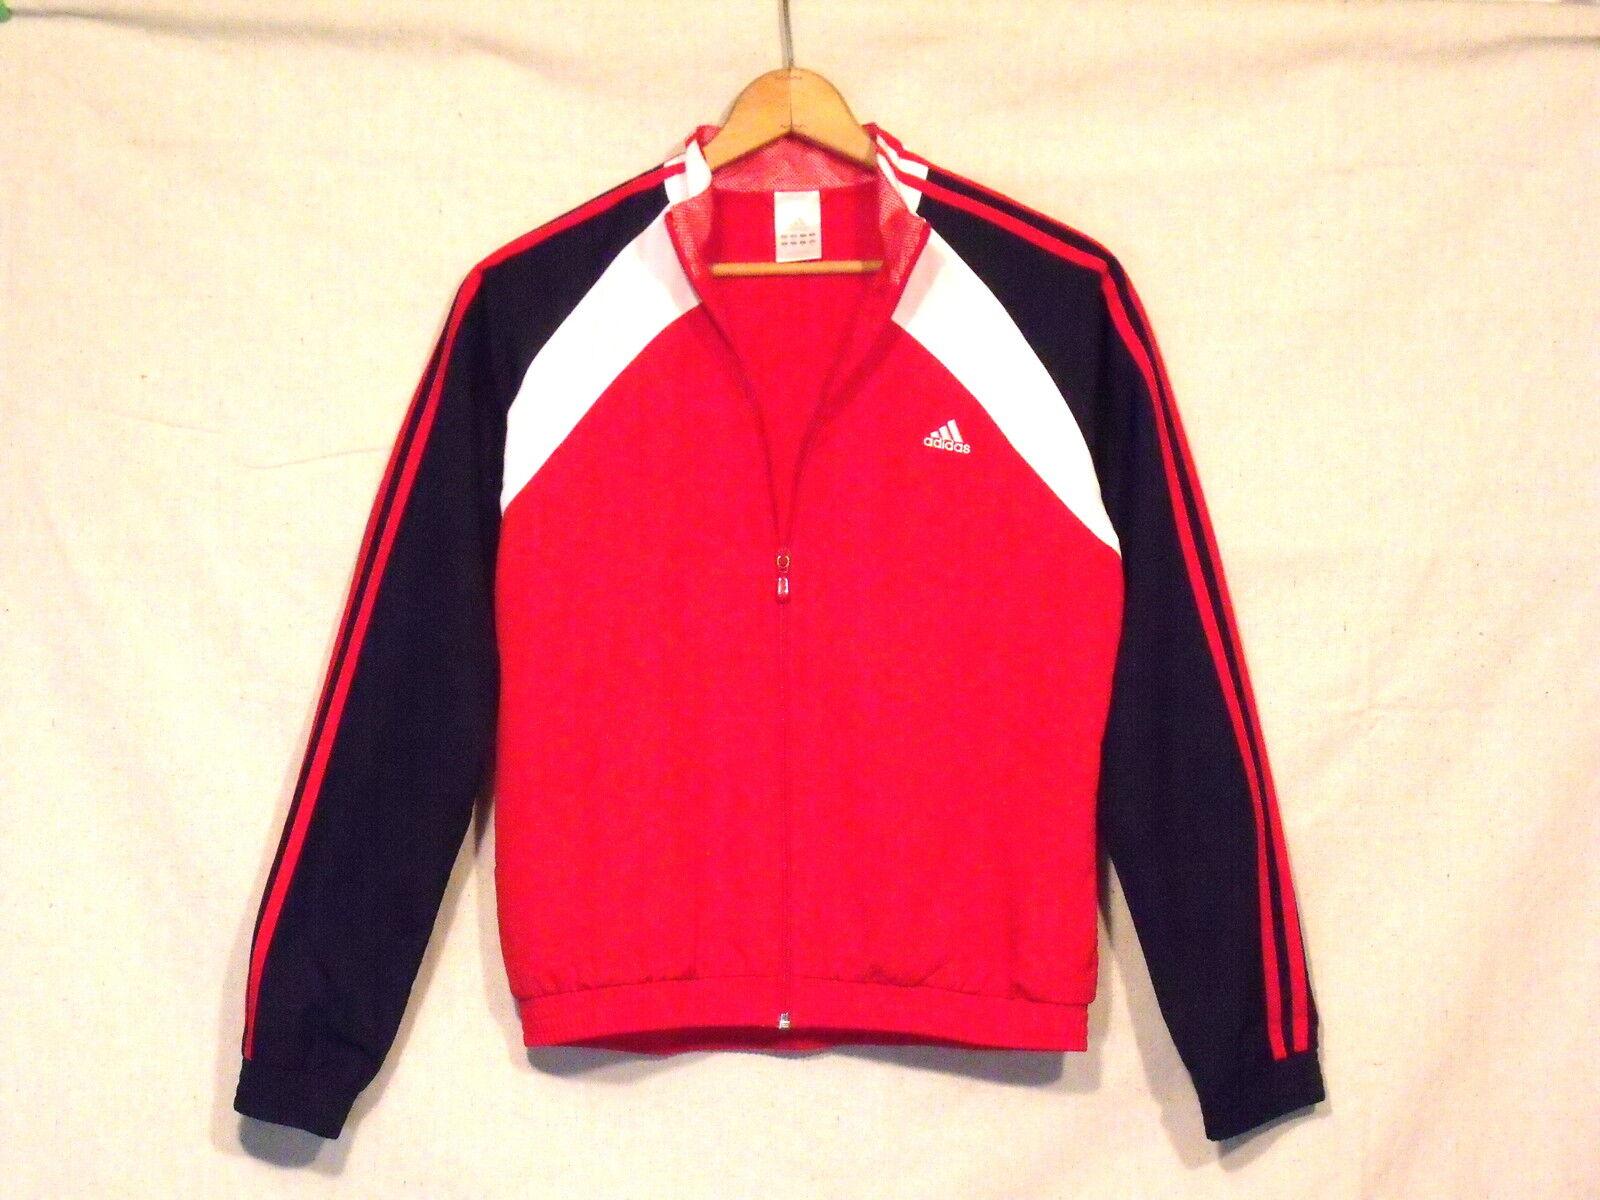 Adidas κόκκινο, Ξ»Ξ΅Ο…ΞΊΟŒ & amp;μπλΡ σακάκι / Ρπένδυση / πλΞ�ρΡς φΡρμουάρ / γυναικΡία M / φανταστικΞ� / bn9